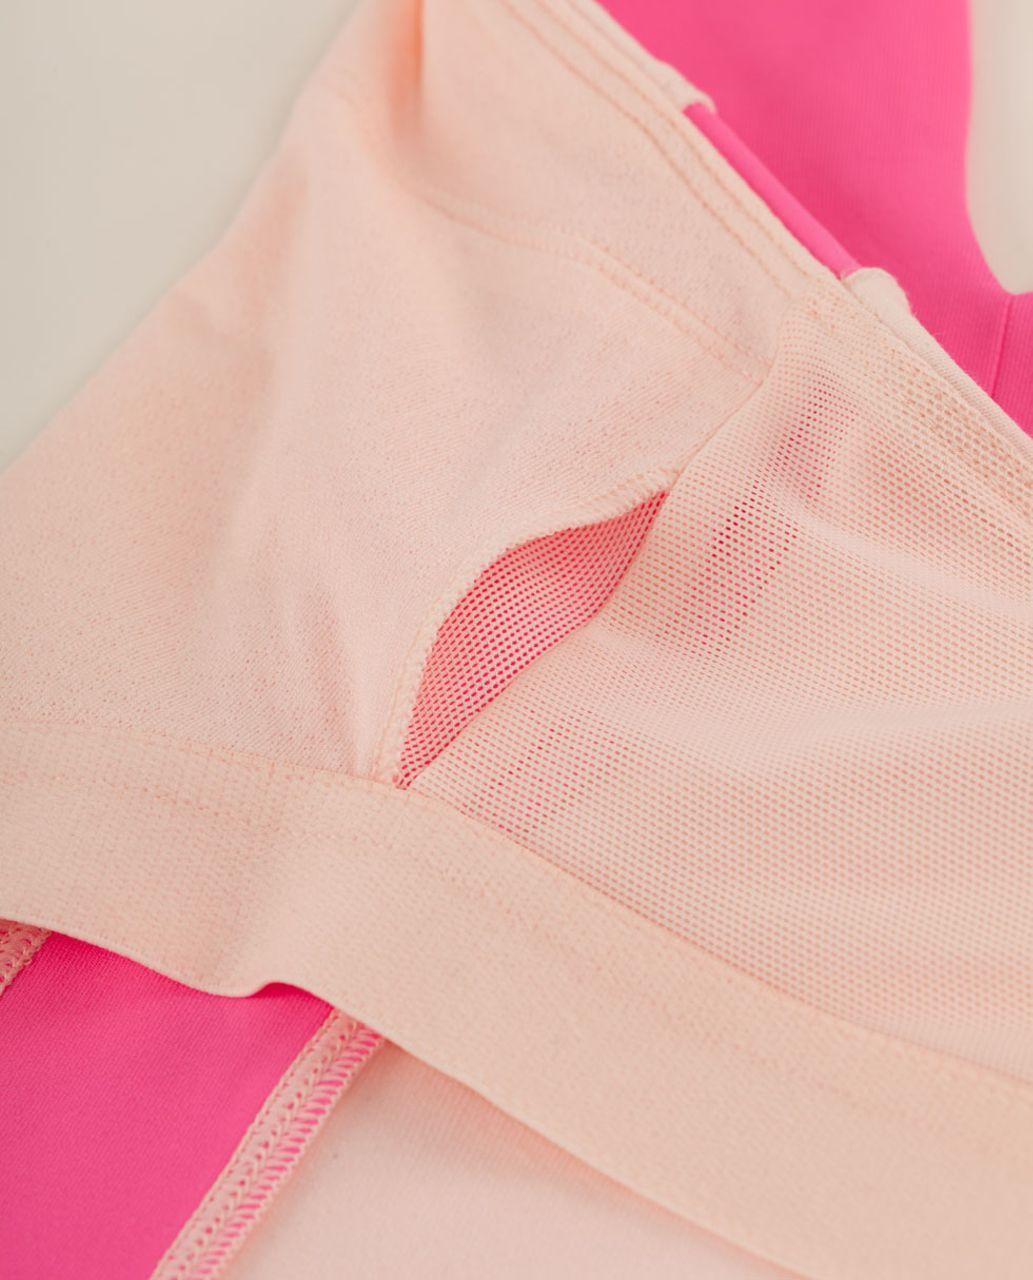 Lululemon Open Soul Tank - Parfait Pink / Pinkelicious